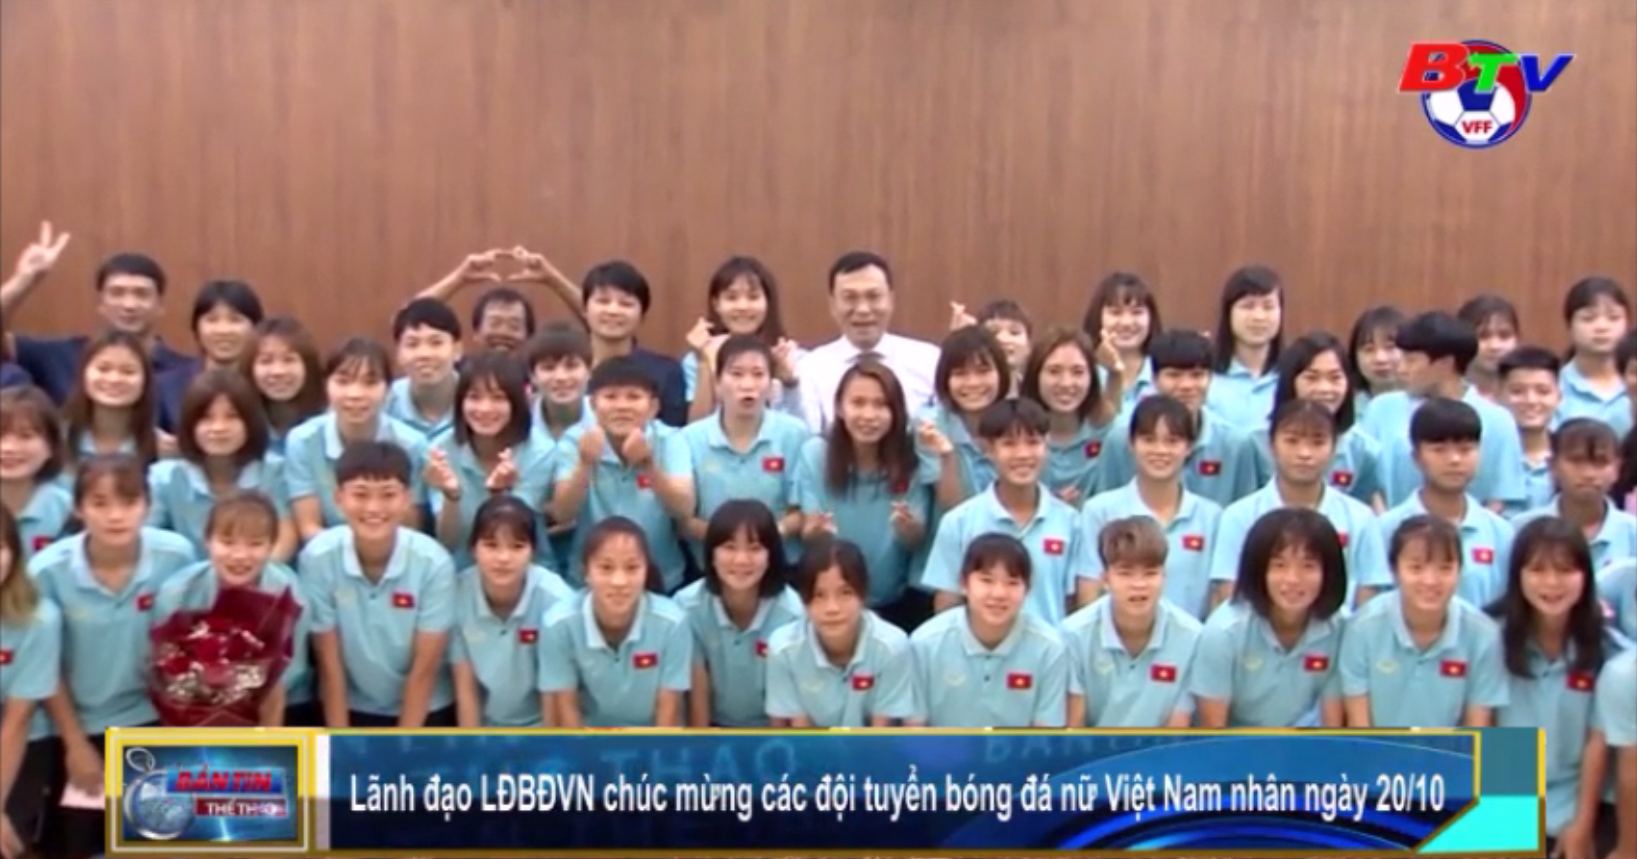 Lãnh đạo LĐBĐVN chúc mừng các đội tuyển bóng đá nữ Việt Nam nhân ngày 20 tháng 10